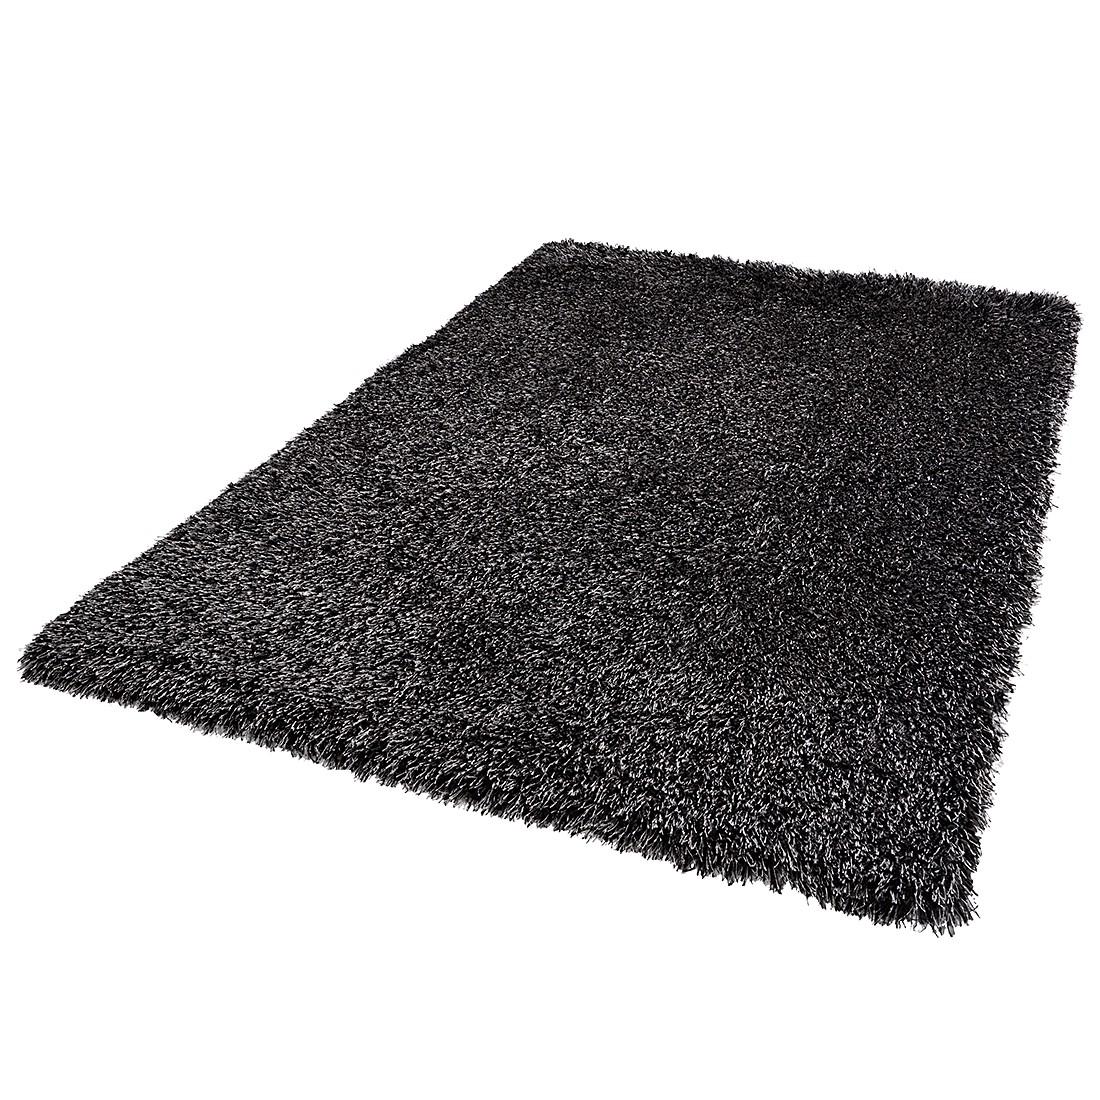 Teppich Lagune – Graphit – 80 x 160 cm, DEKOWE jetzt bestellen